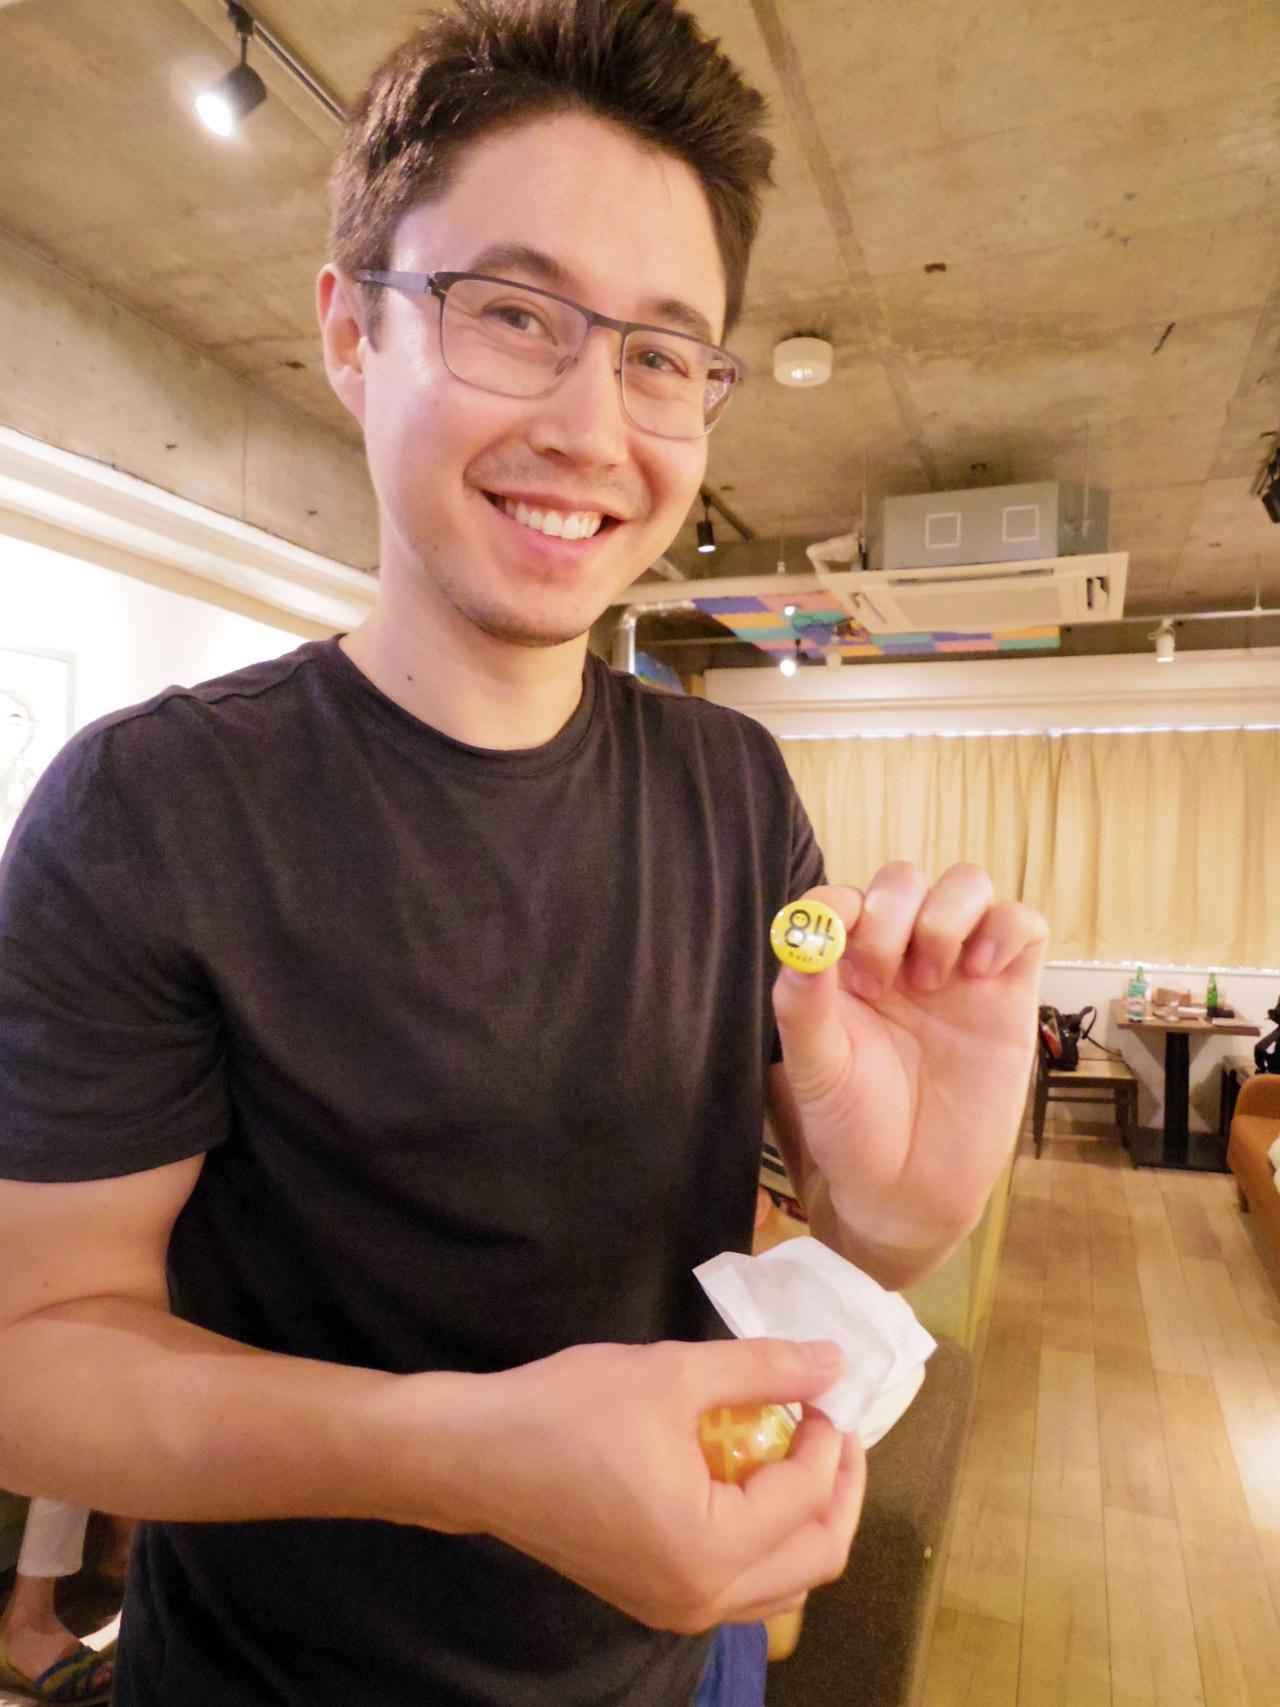 koichi winning a pin